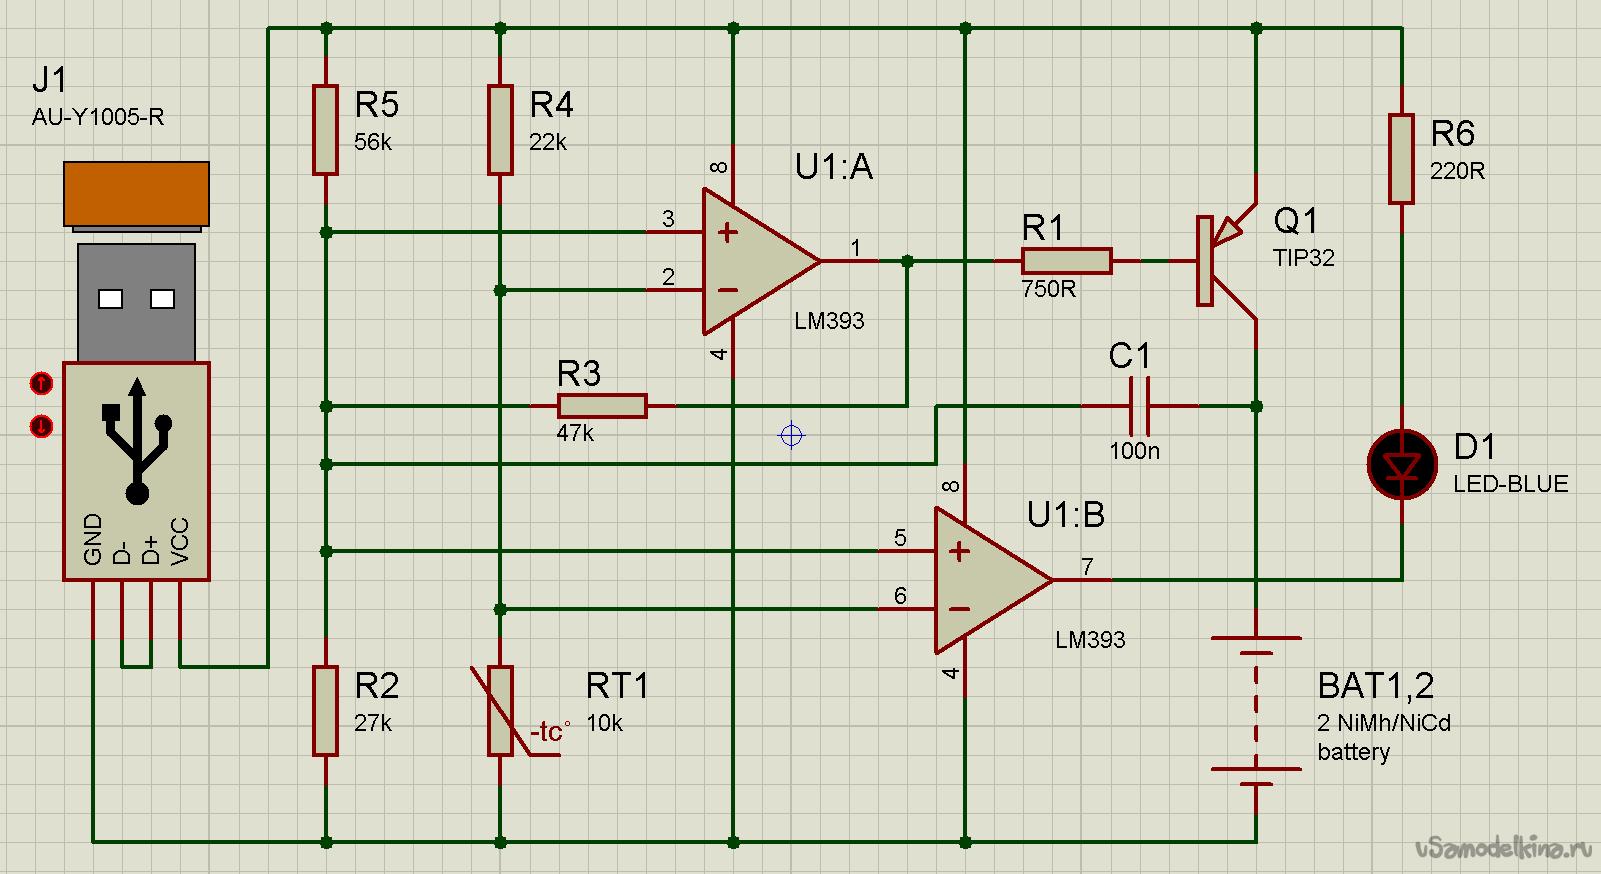 Зарядка для ni-cd аккумуляторов своими руками